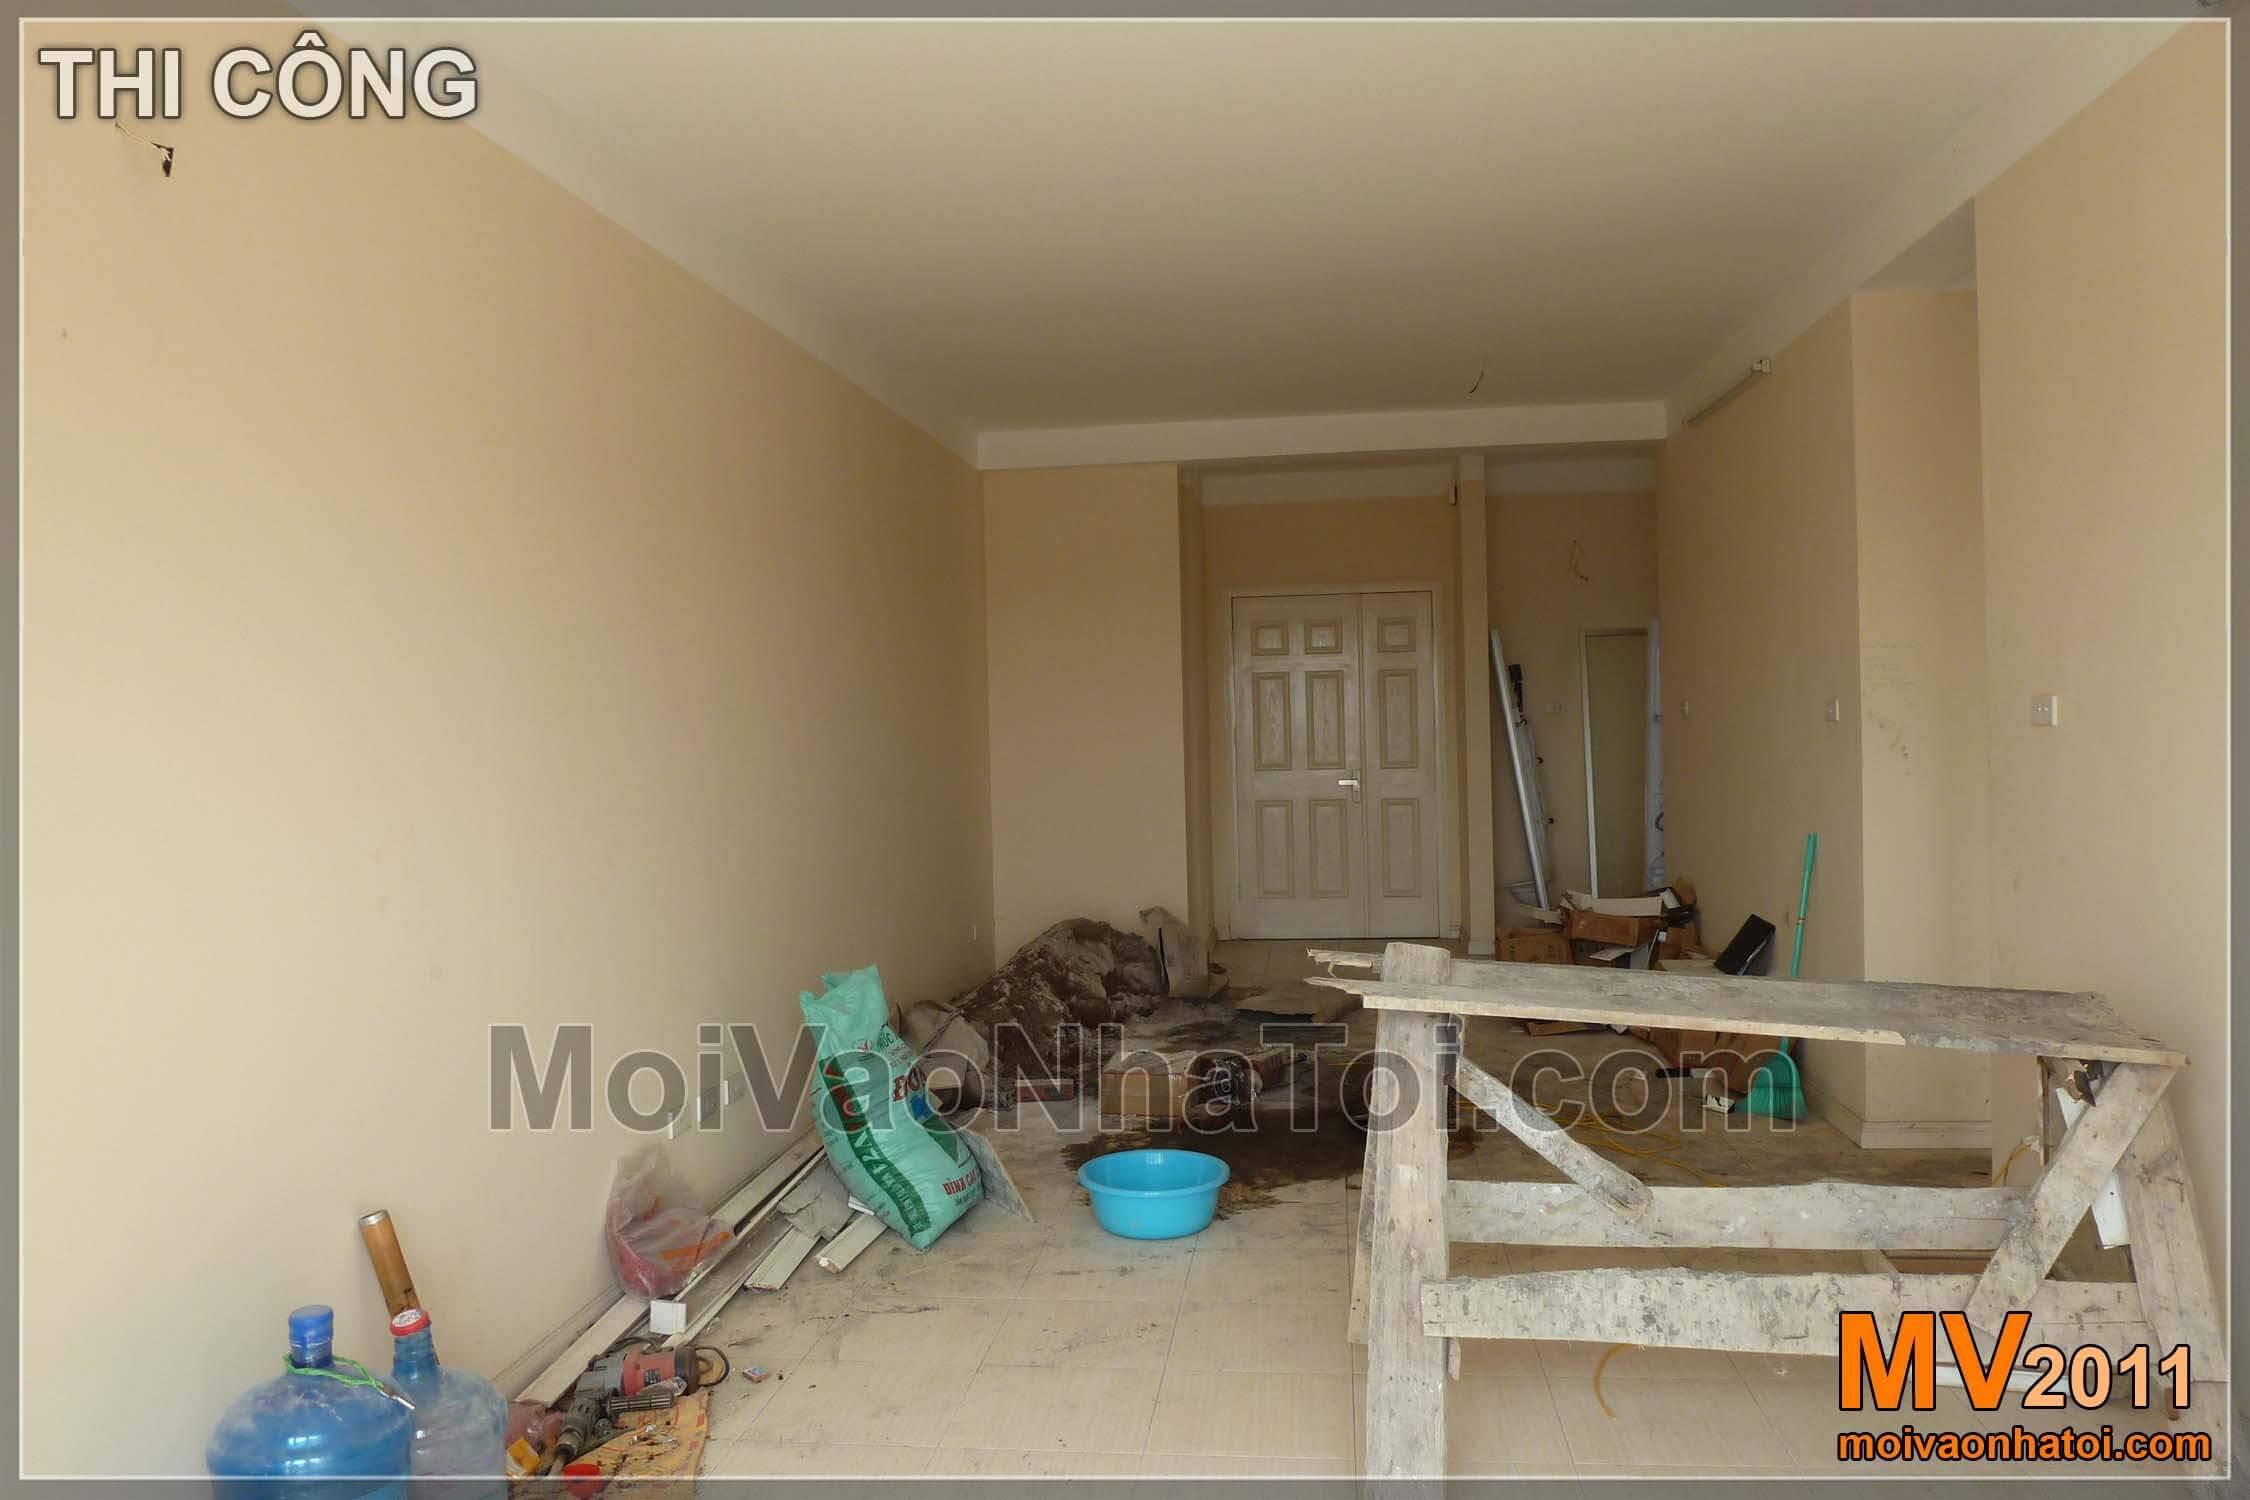 Hiện trạng căn chung cư chưa cải tạo